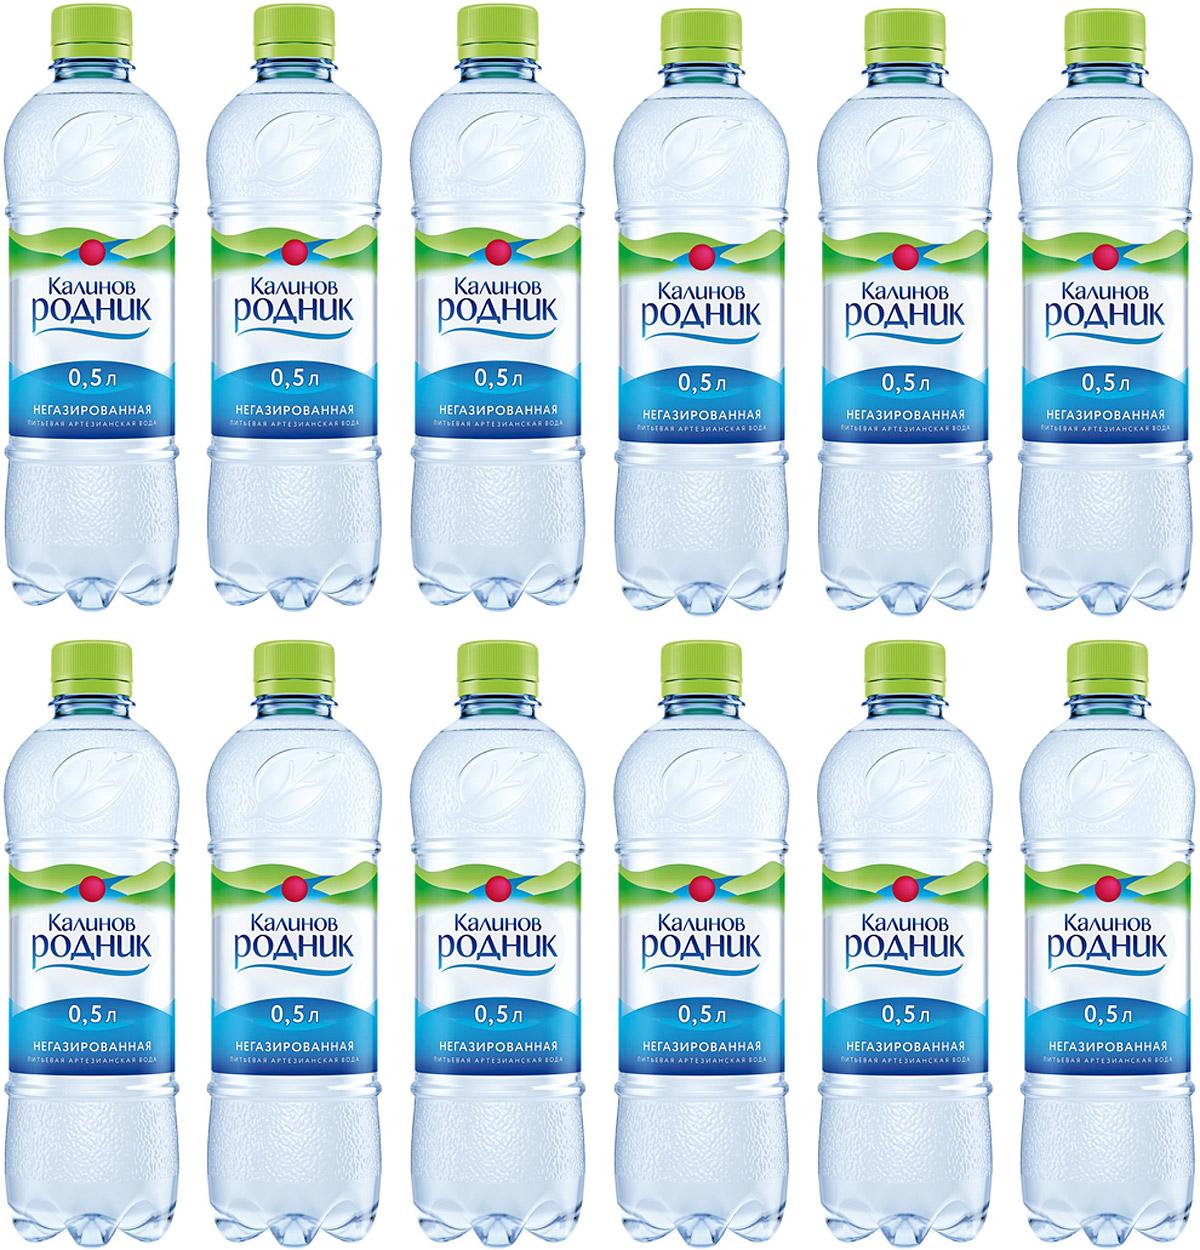 Калинов Родник вода питьевая артезианская негазированная, 12 шт по 0,5 л4607050693334Чистая от природы и бережно сохраненная на современном производстве минеральная артезианская вода Калинов Родник – бесспорный эталон качества. Калинов родник - это удобная в использовании, по-настоящему вкусная и полезная вода. Пейте и получайте удовольствие!